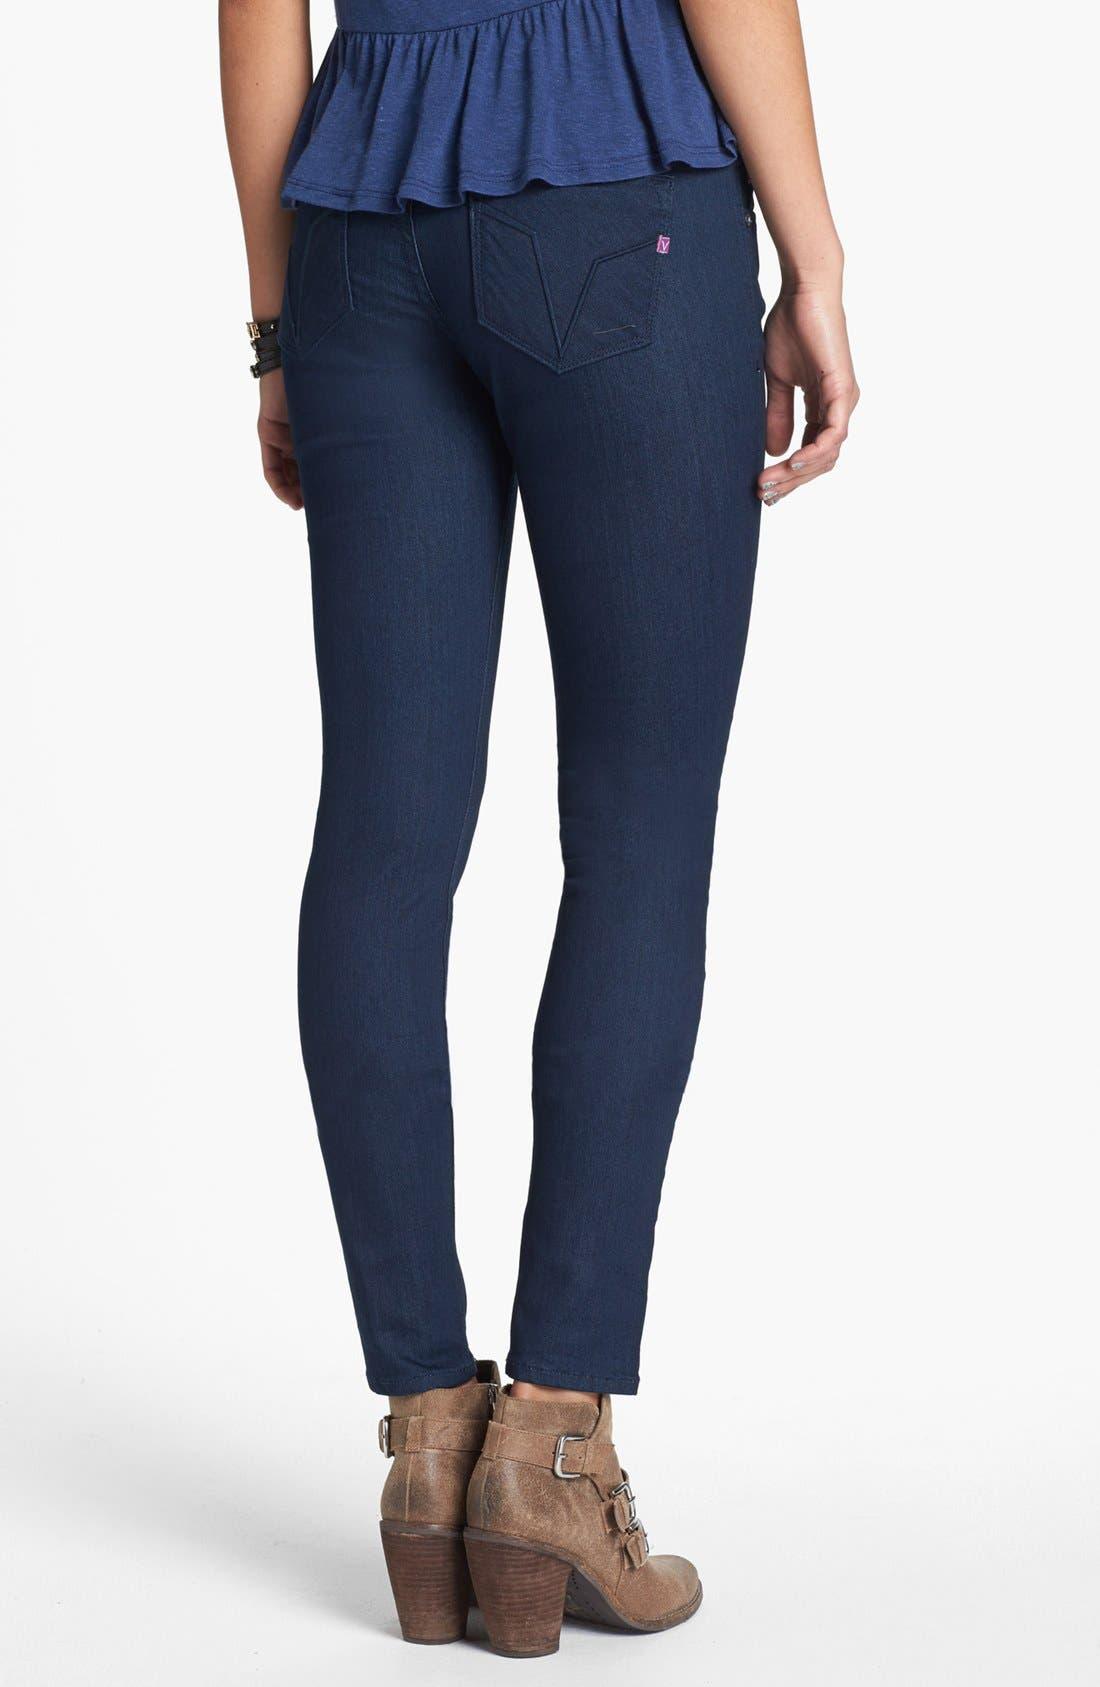 Alternate Image 2  - Vigoss 'Chelsea' V Pocket Skinny Jeans (Dark Wash) (Juniors) (Online Only)